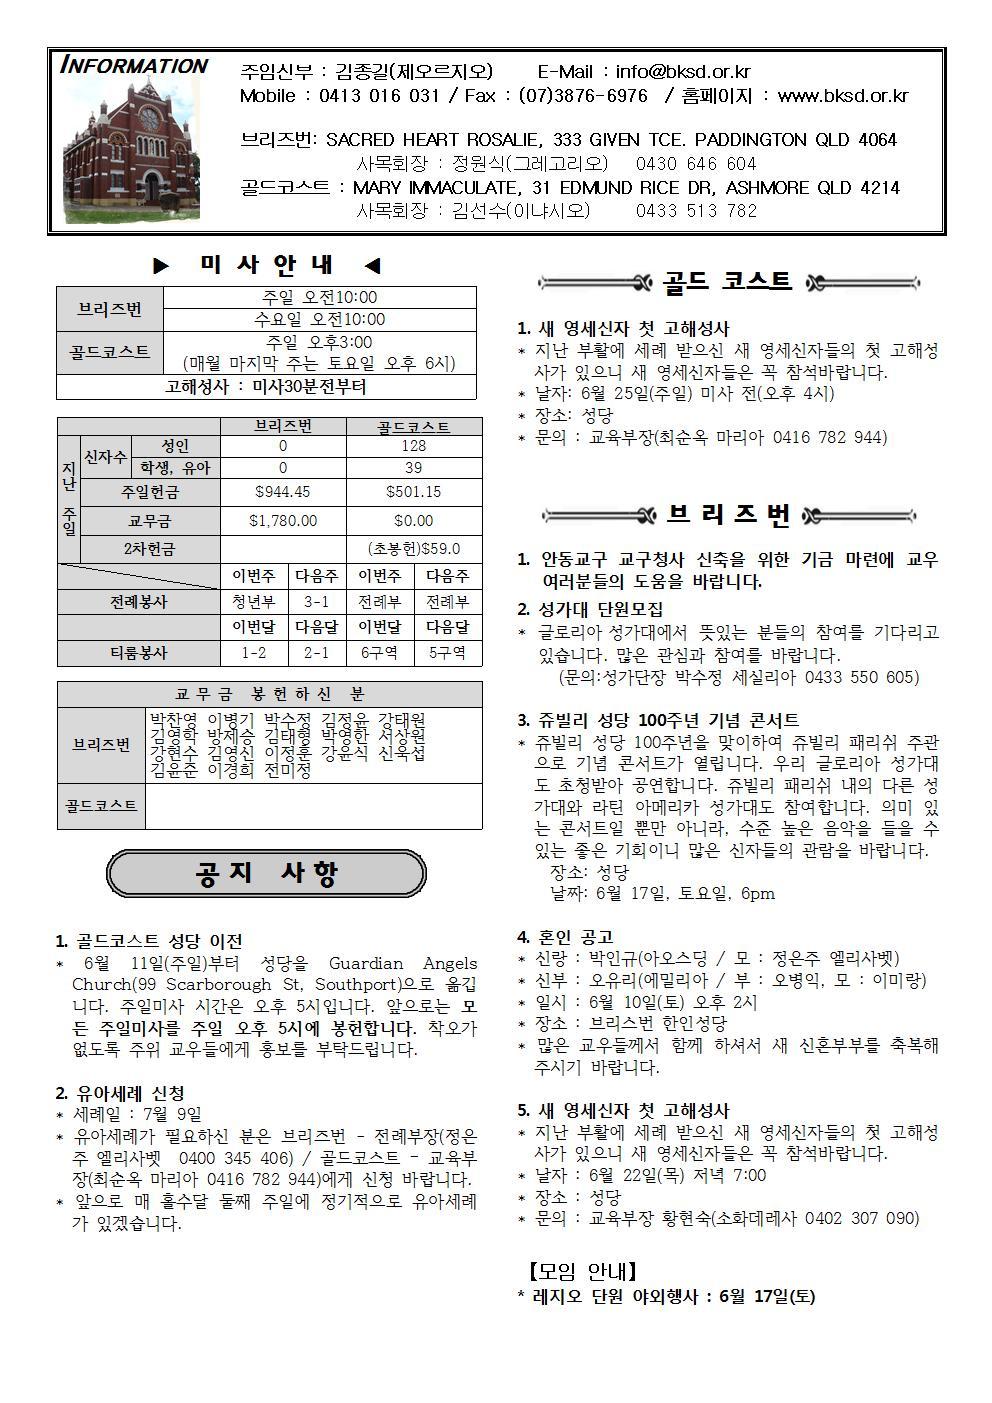 170604 - 성령강림대축일004.jpg